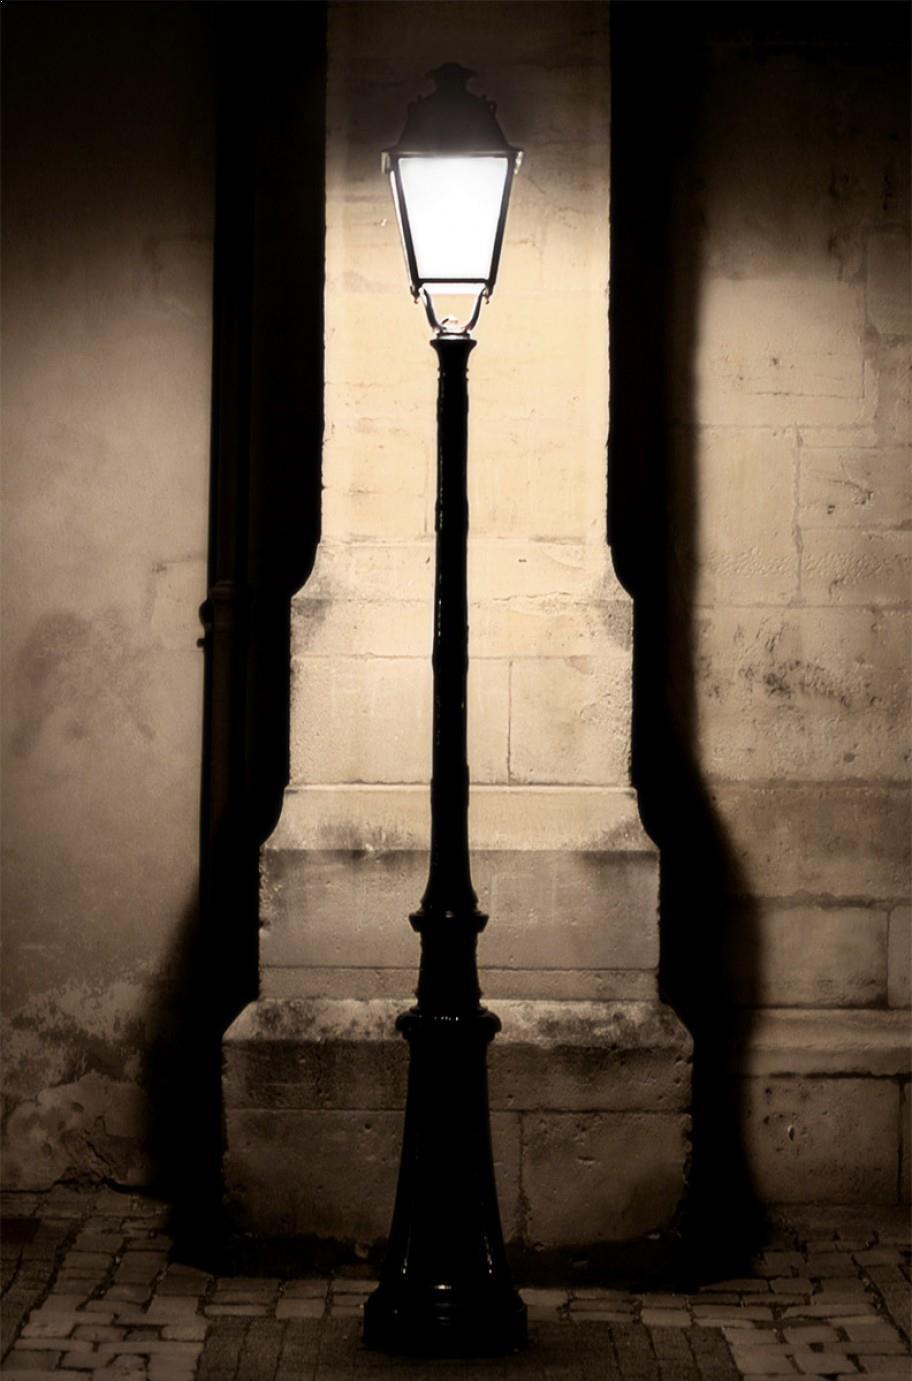 Photographie de nuit - L'empire des lumières